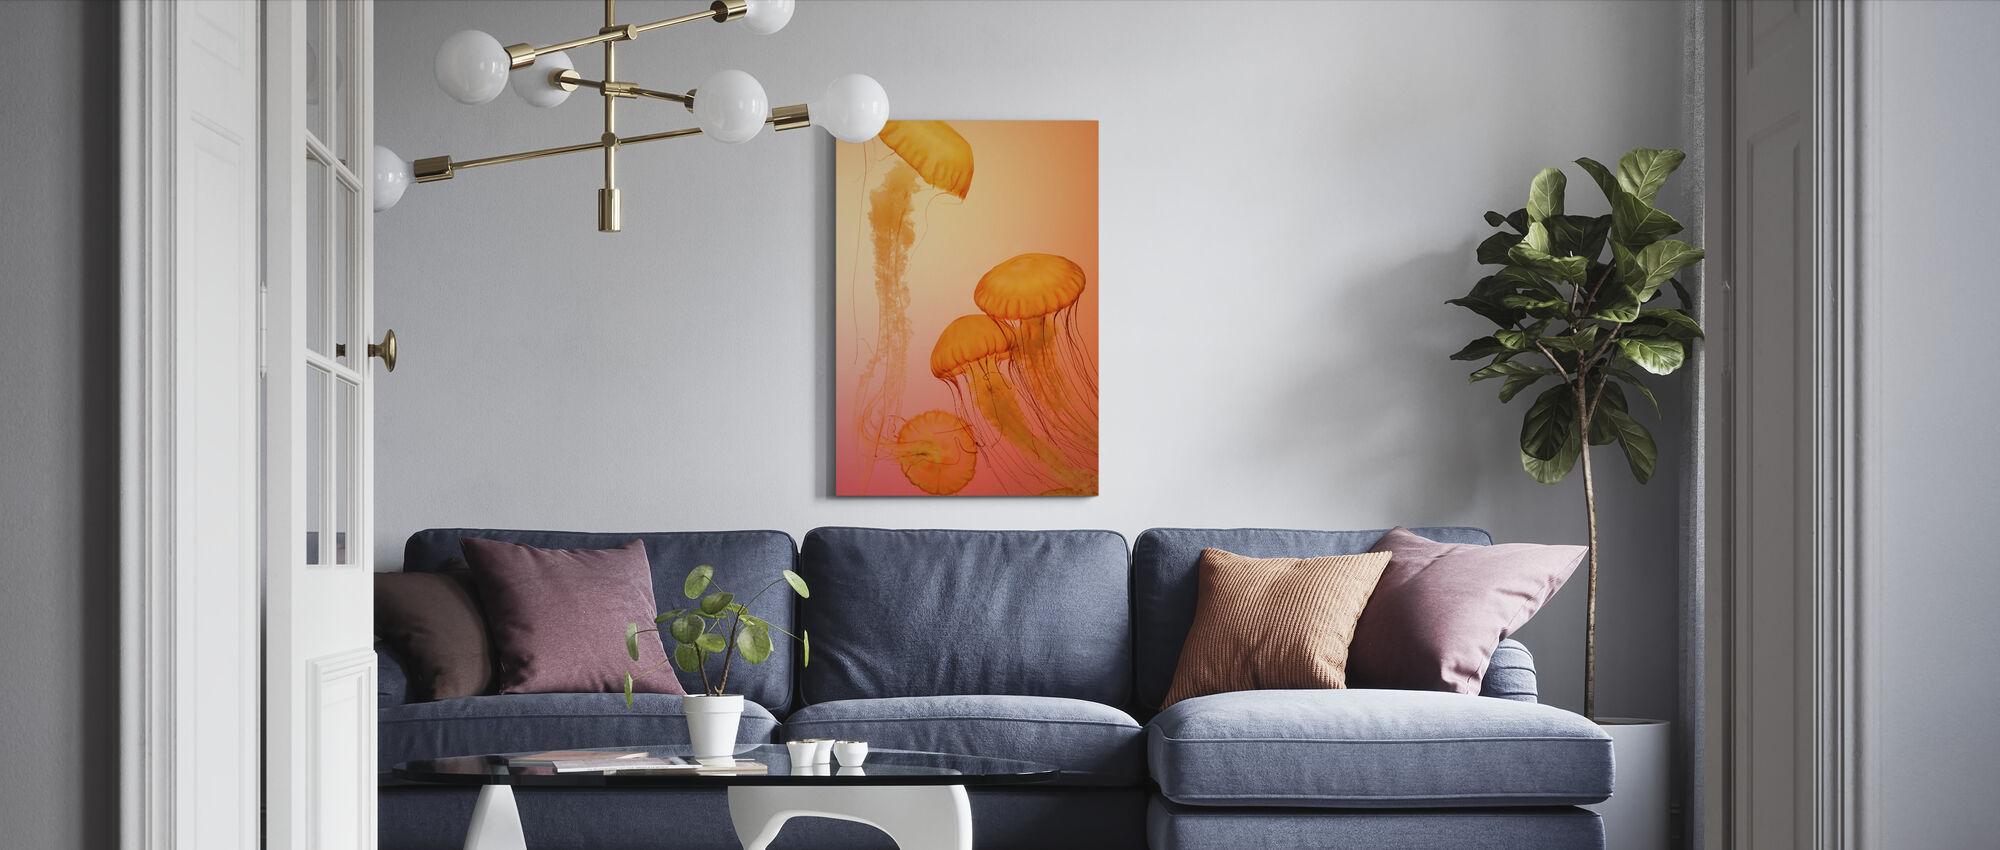 Qualle - Leinwandbild - Wohnzimmer